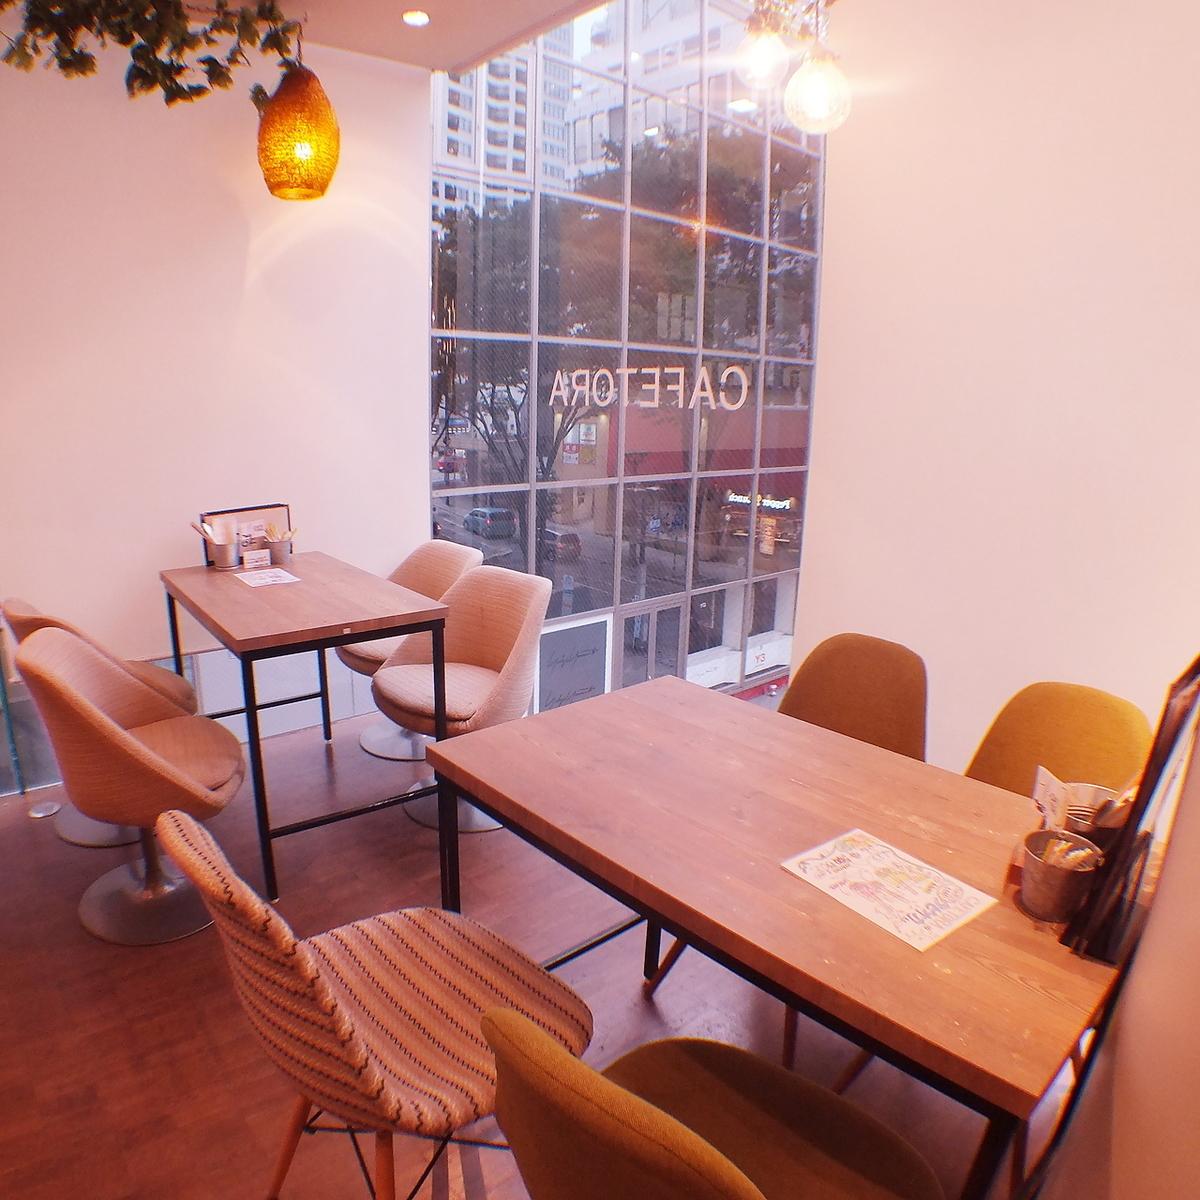 我们准备了许多桌椅。在购物,咖啡厅使用的路上也推荐午餐和晚餐!